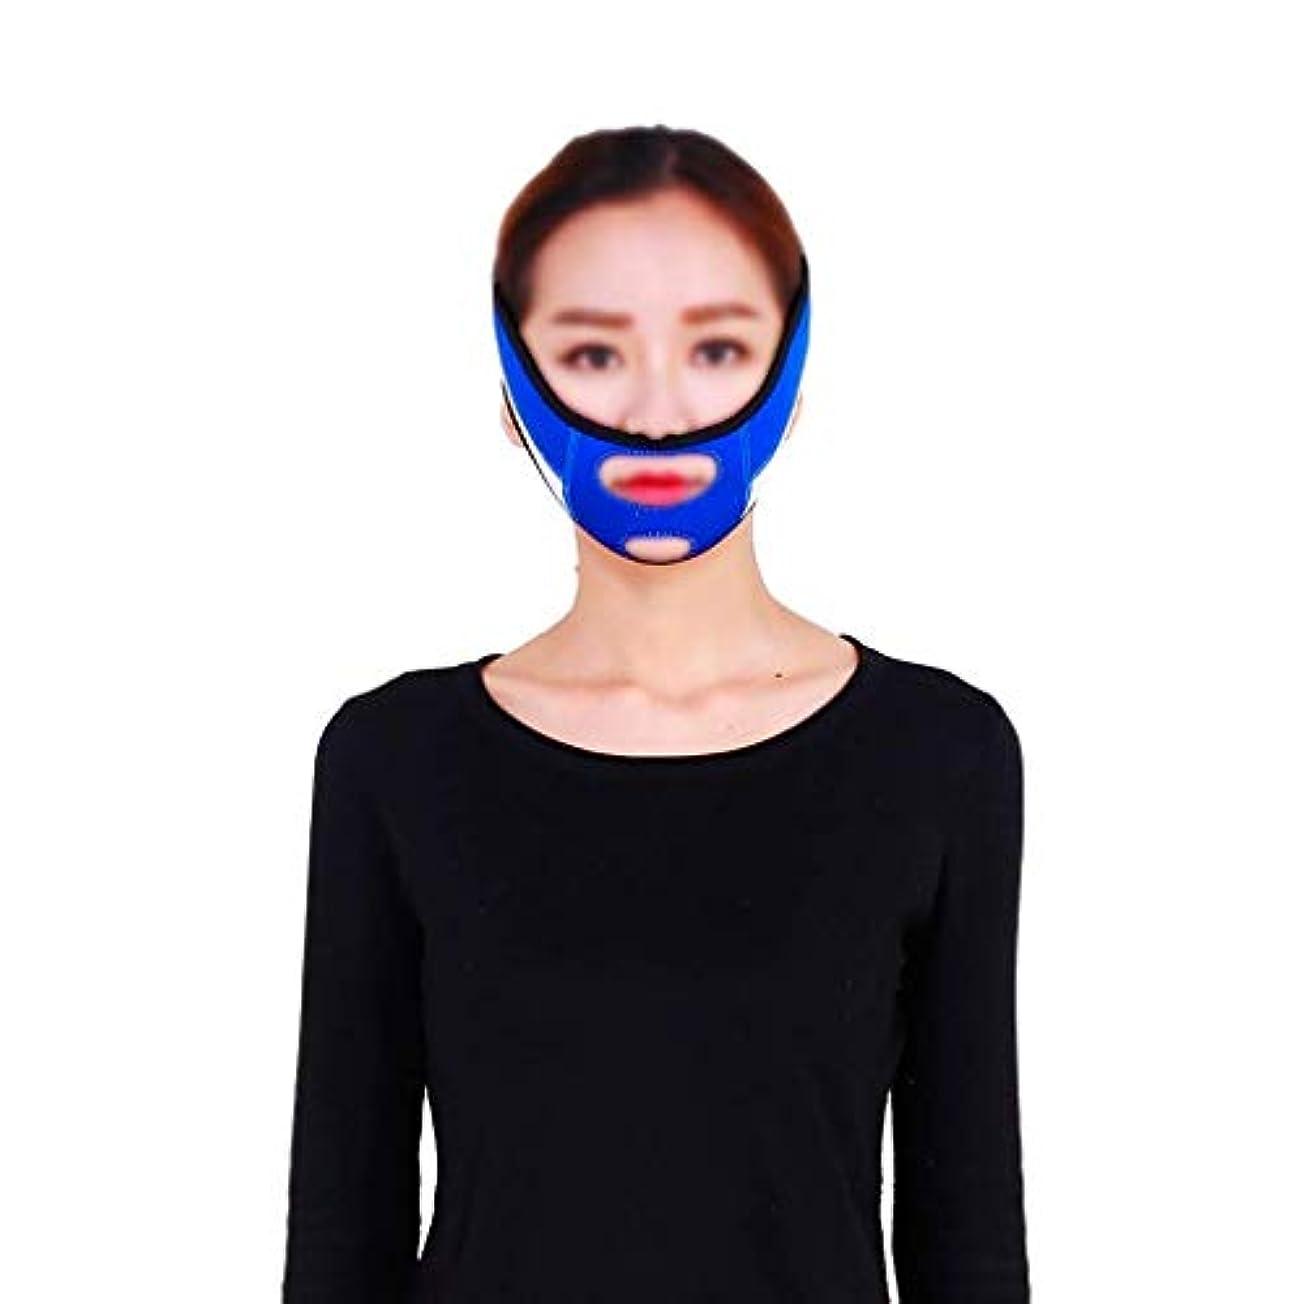 シビックくしゃみステージファーミングフェイスマスク、スモールVフェイスアーティファクトリフティングマスク、口を調整して垂れ下がった肌を縮小滑り止め弾性ストレッチ包帯